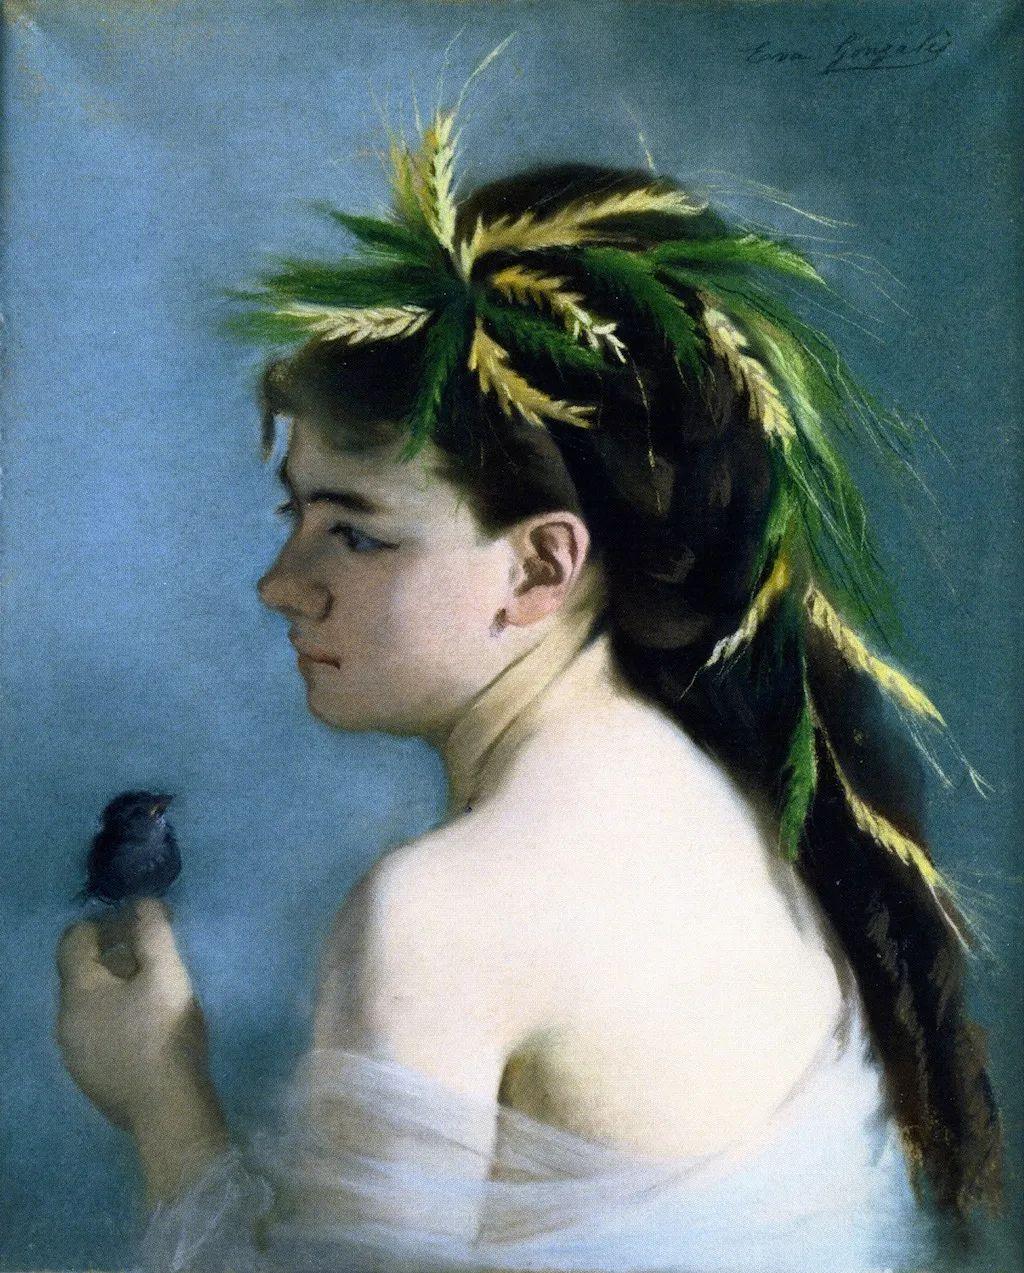 伊娃·冈萨雷斯,19世纪法国印象派女画家插图21